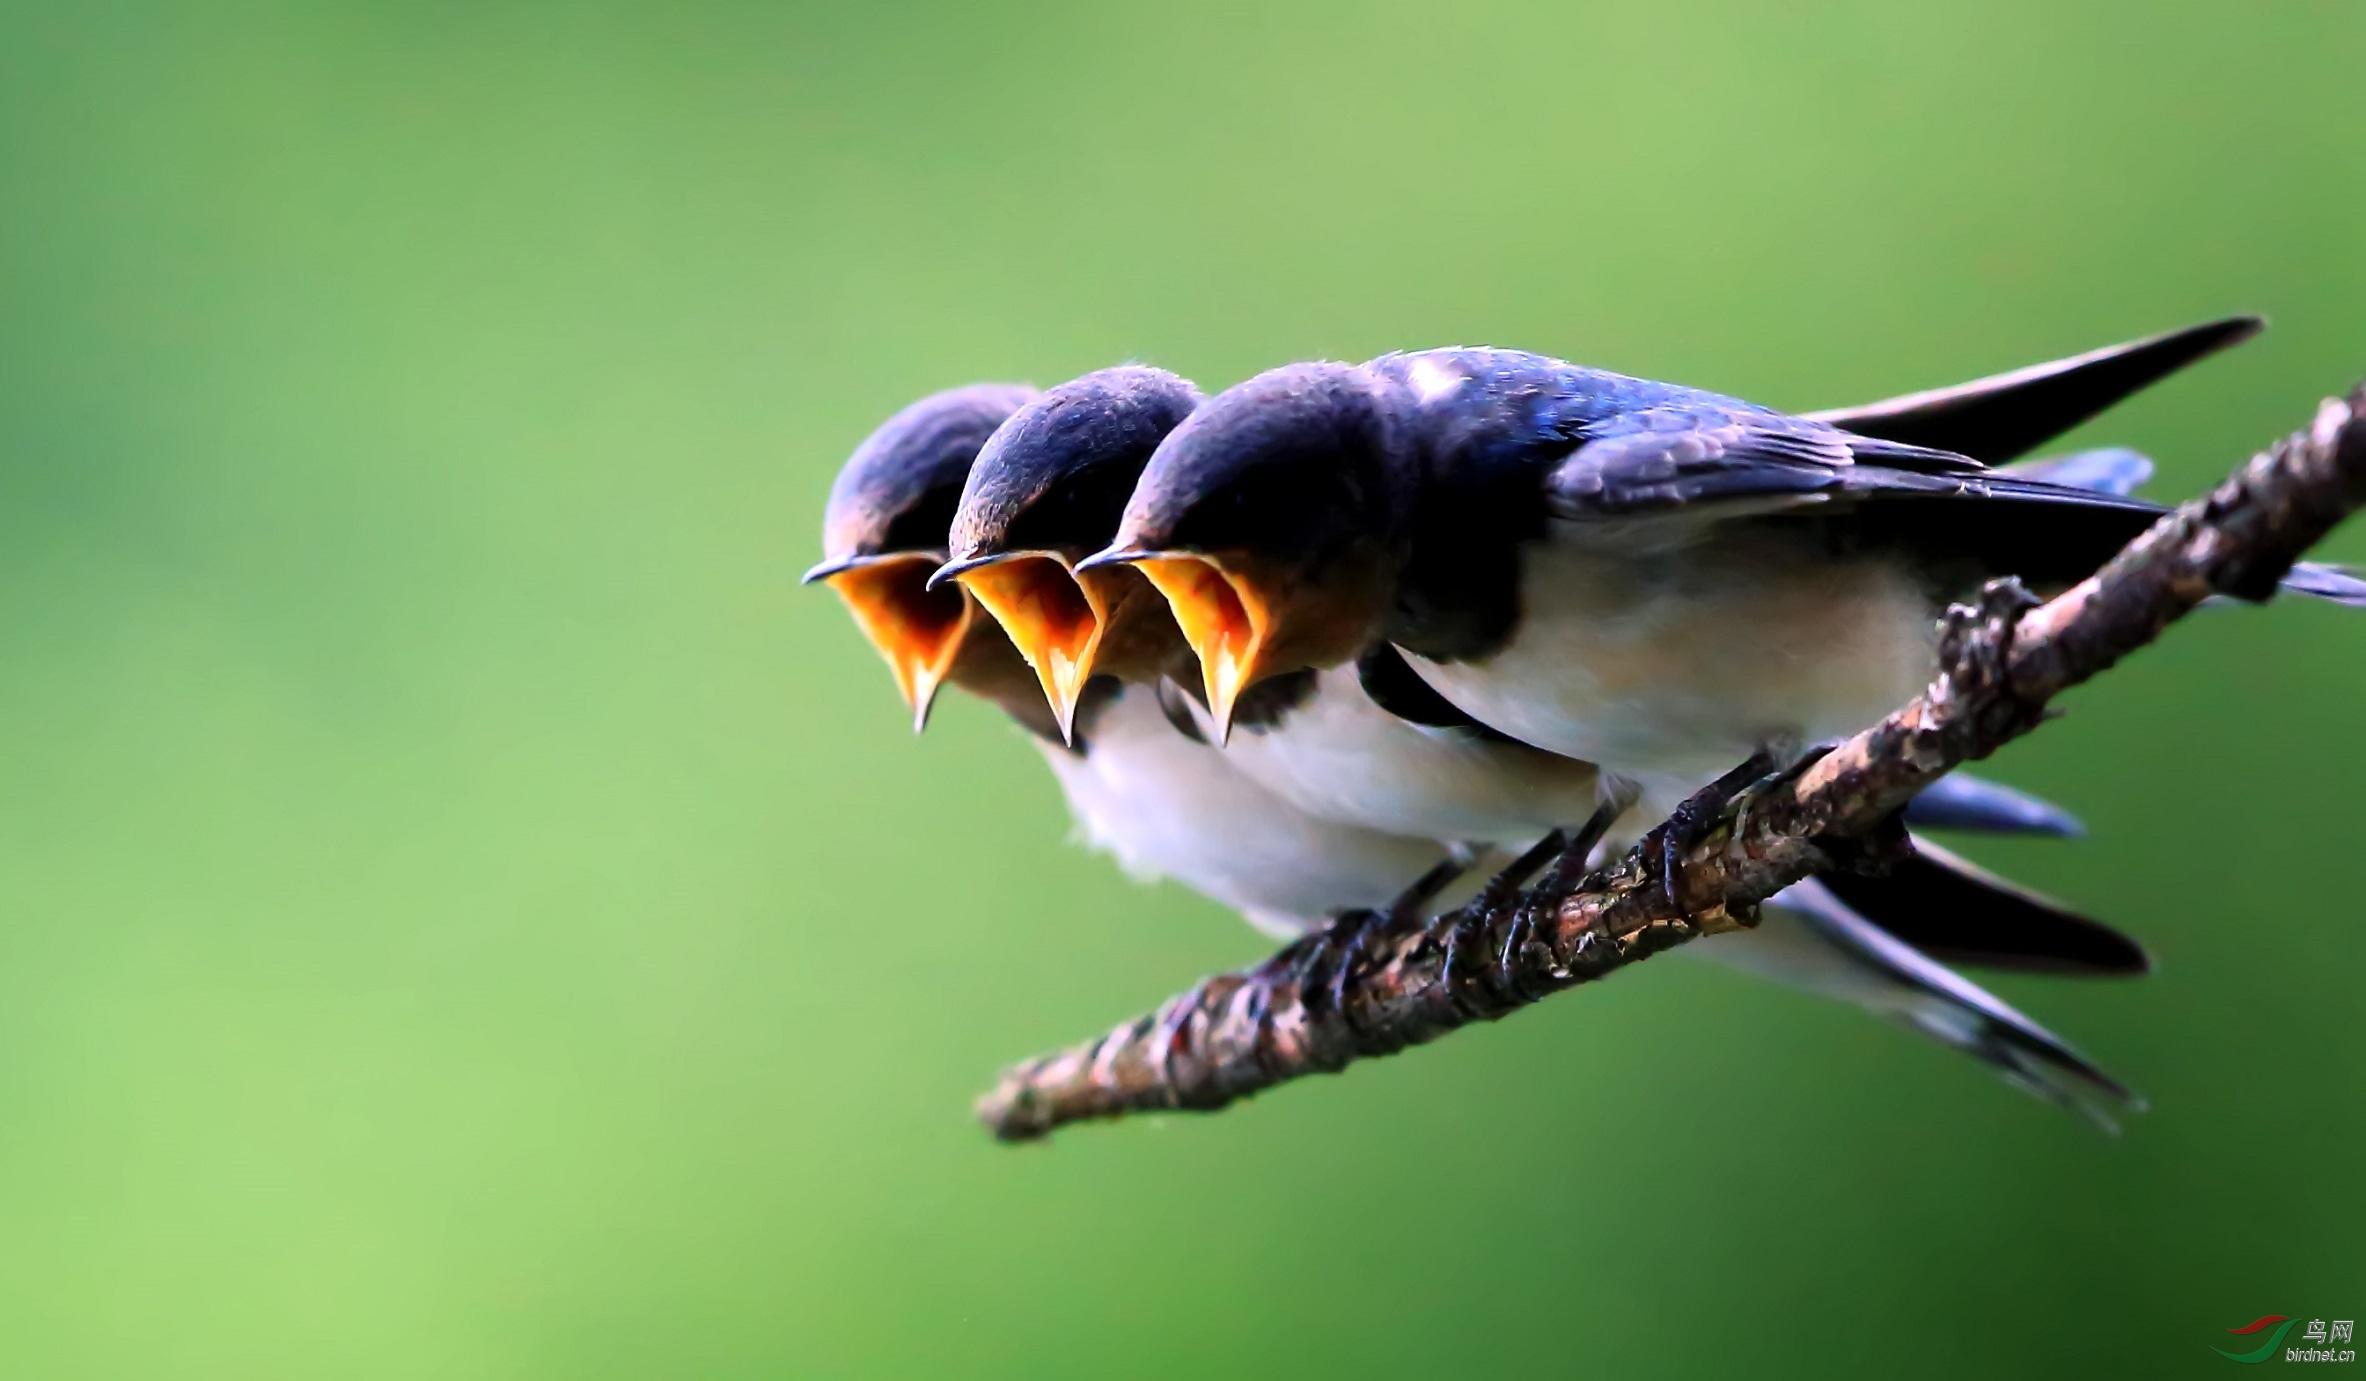 家有小燕子,幸福吉祥来------家燕